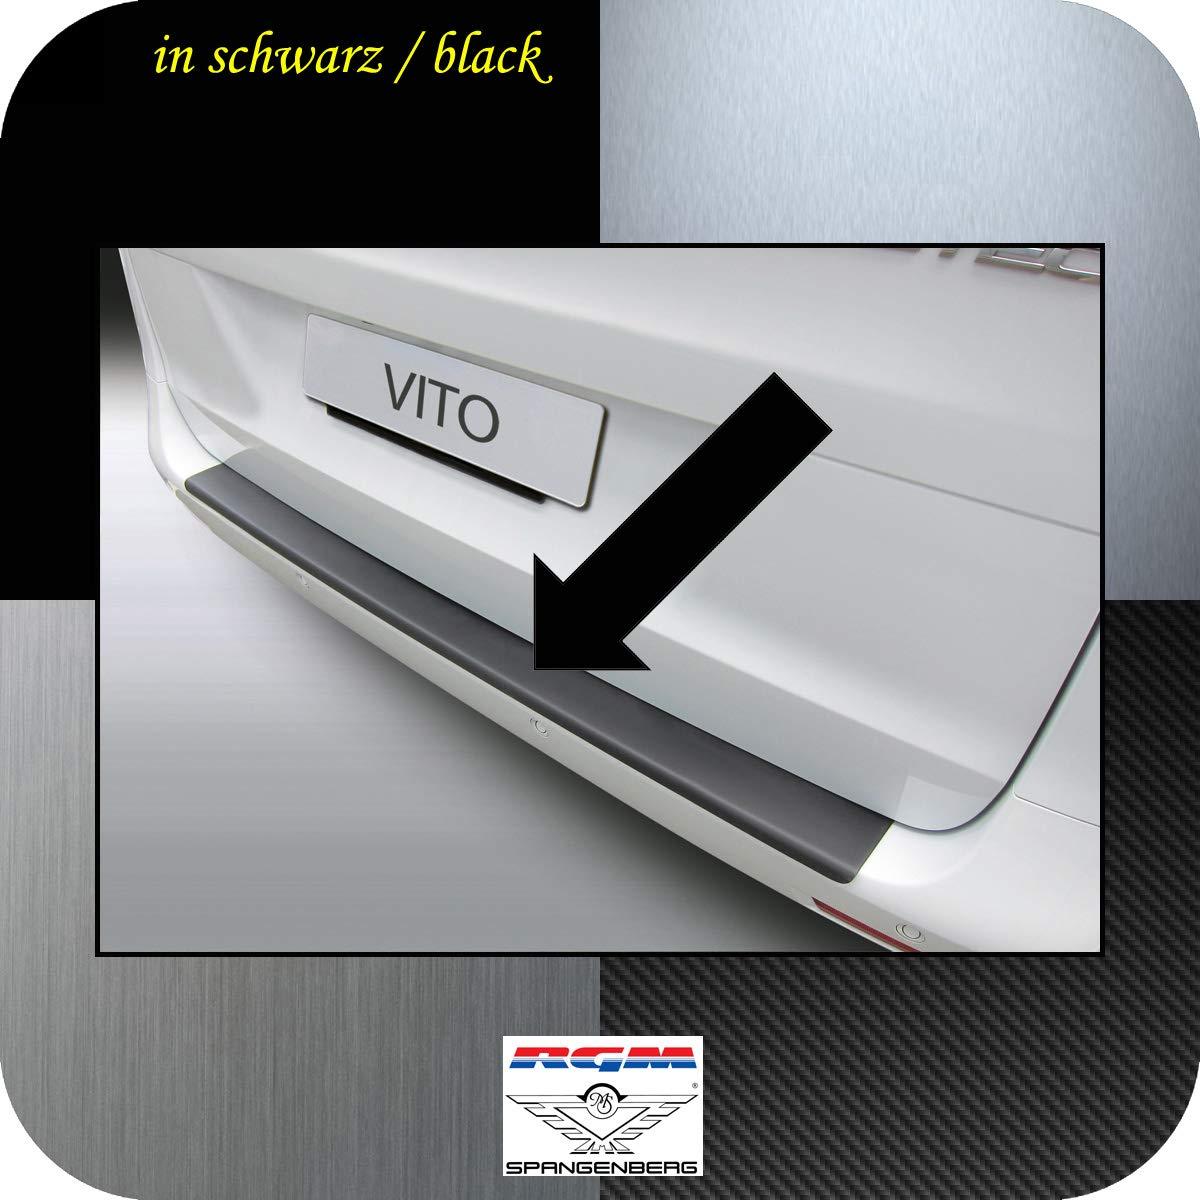 Richard Grant Mouldings Ltd W 447 Original RGM Ladekantenschutz schwarz f/ür Mercedes Benz V-Klasse W447 Viano und Vito ab Baujahr 03.2014- RBP844